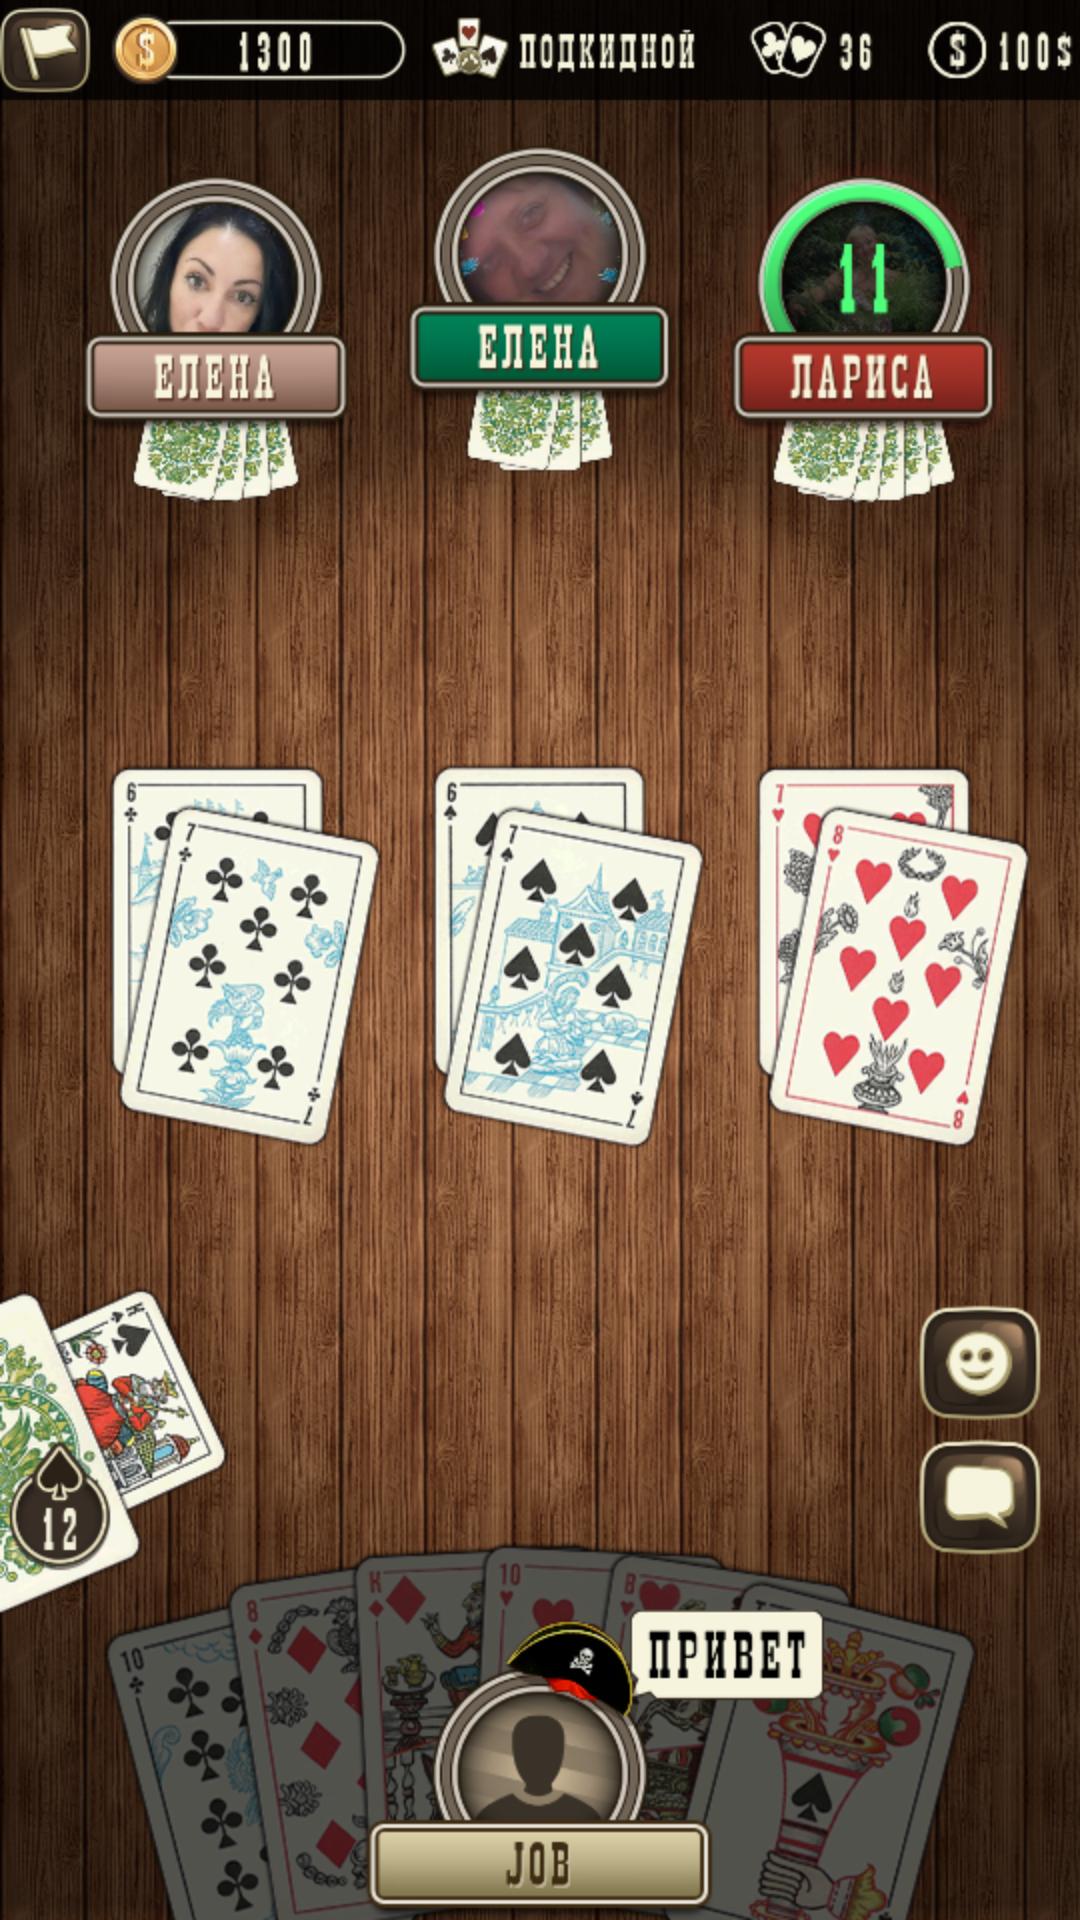 Онлайн казино дурак калькуляторы покера онлайн